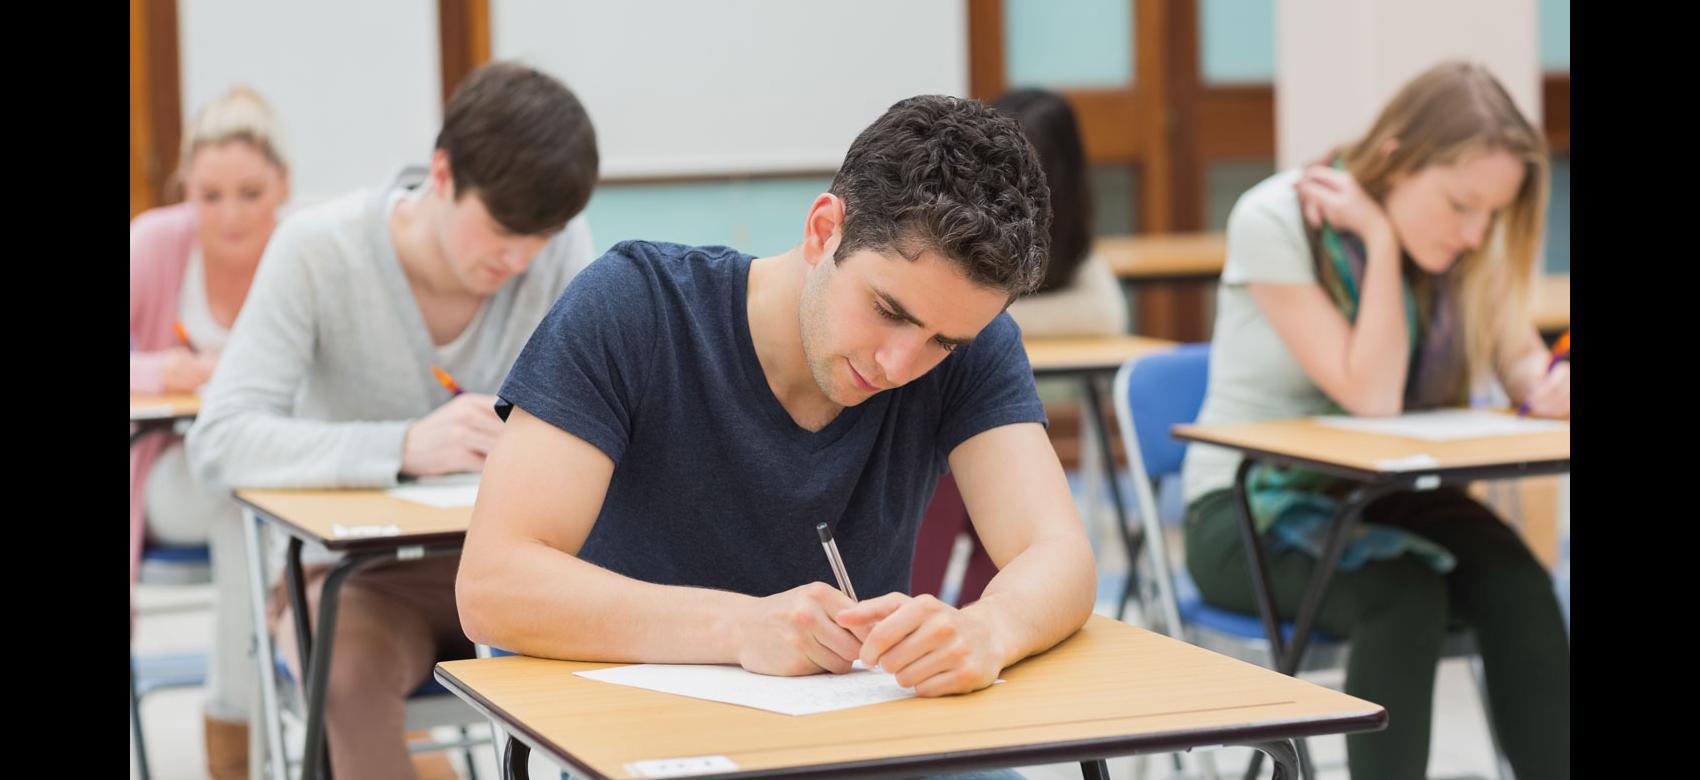 Chico joven inclinado sobre una mesa mientras escribe en una hoja de examen